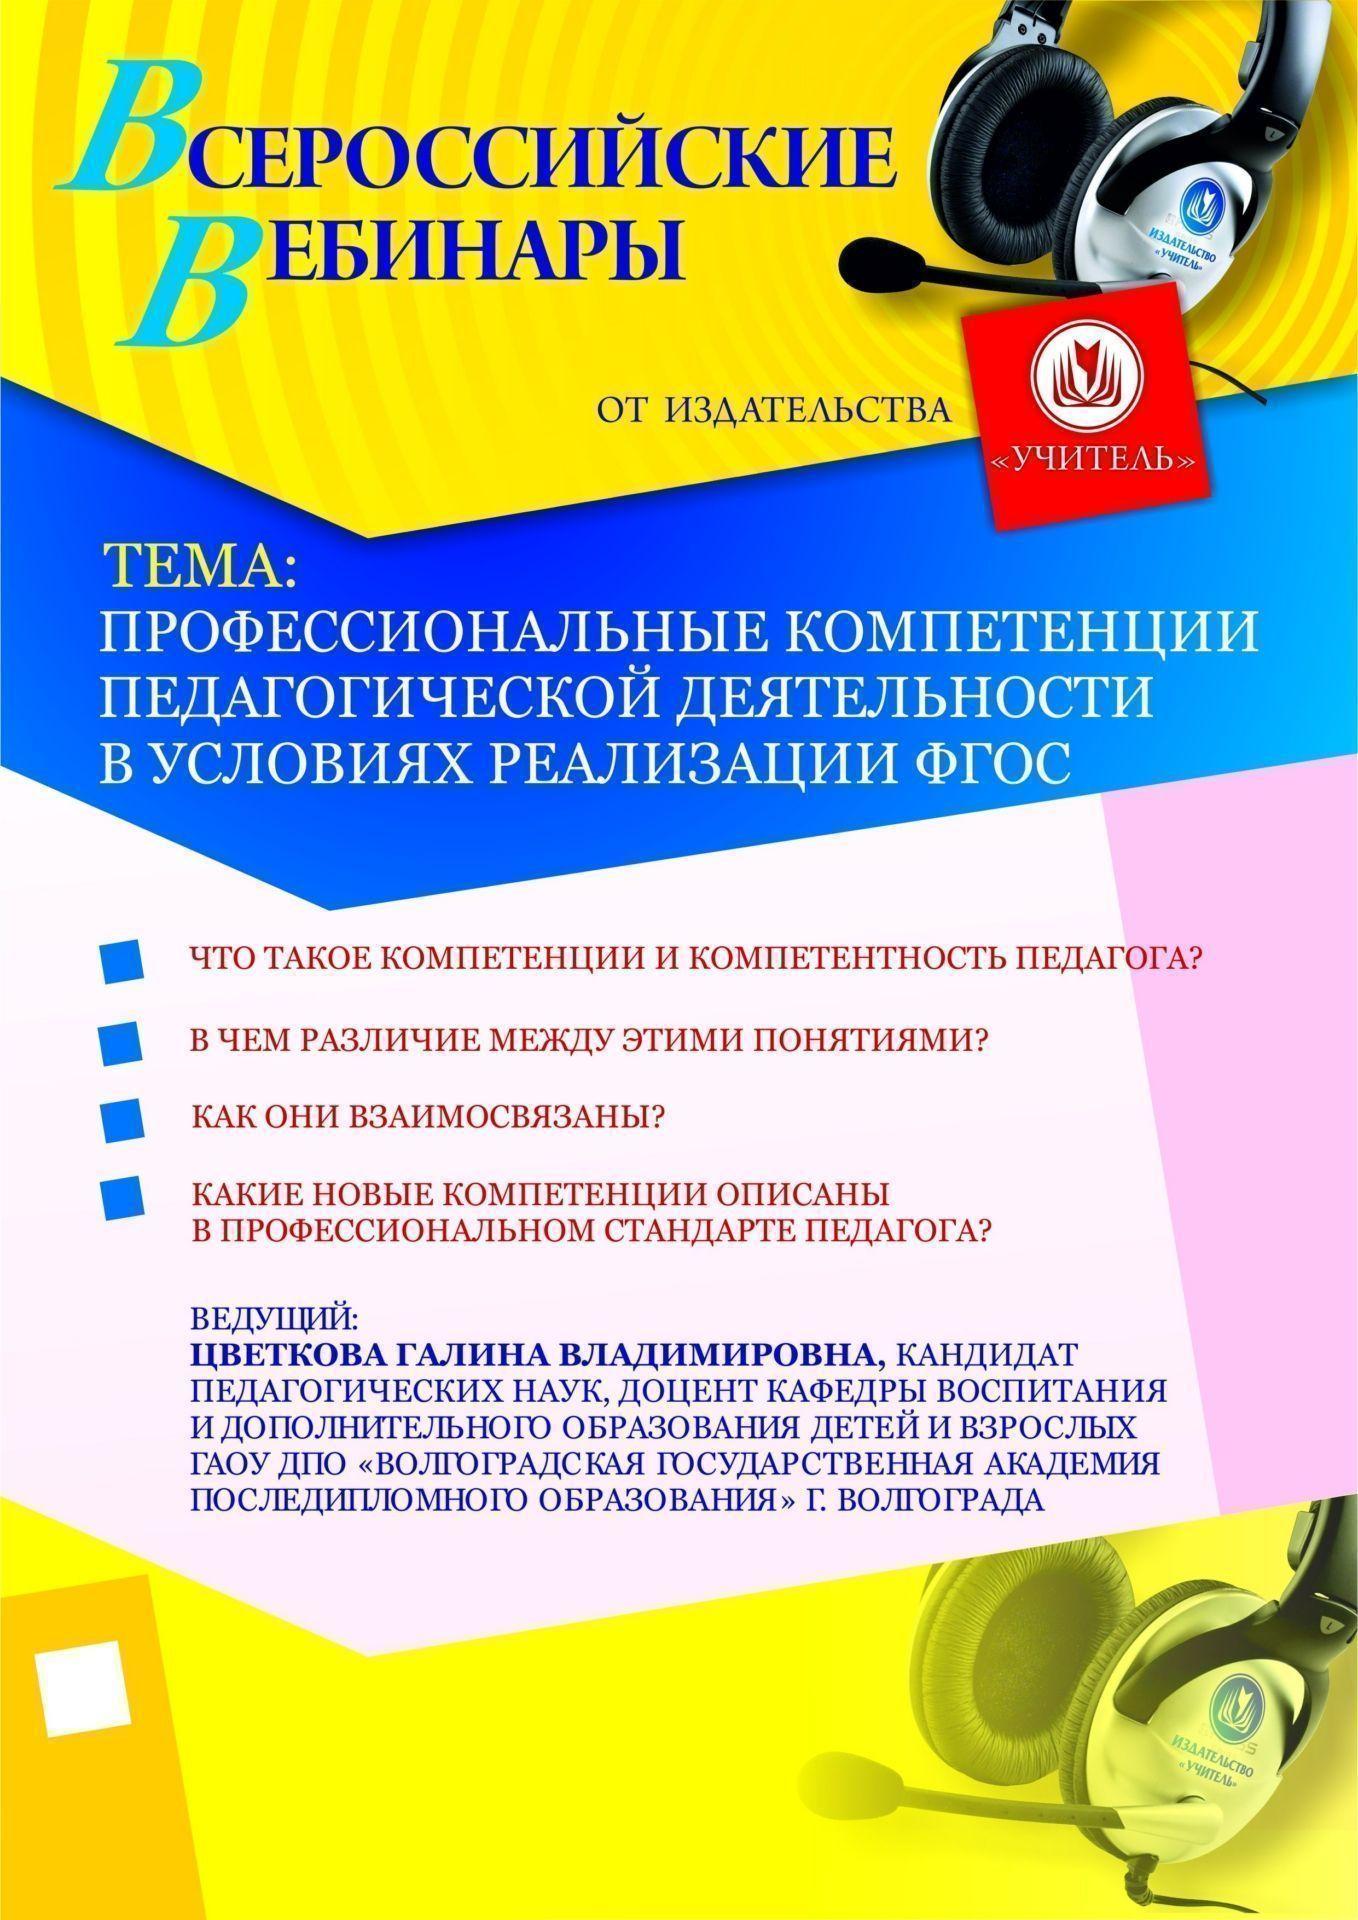 Профессиональные компетенции педагогической деятельности в условиях реализации ФГОС фото